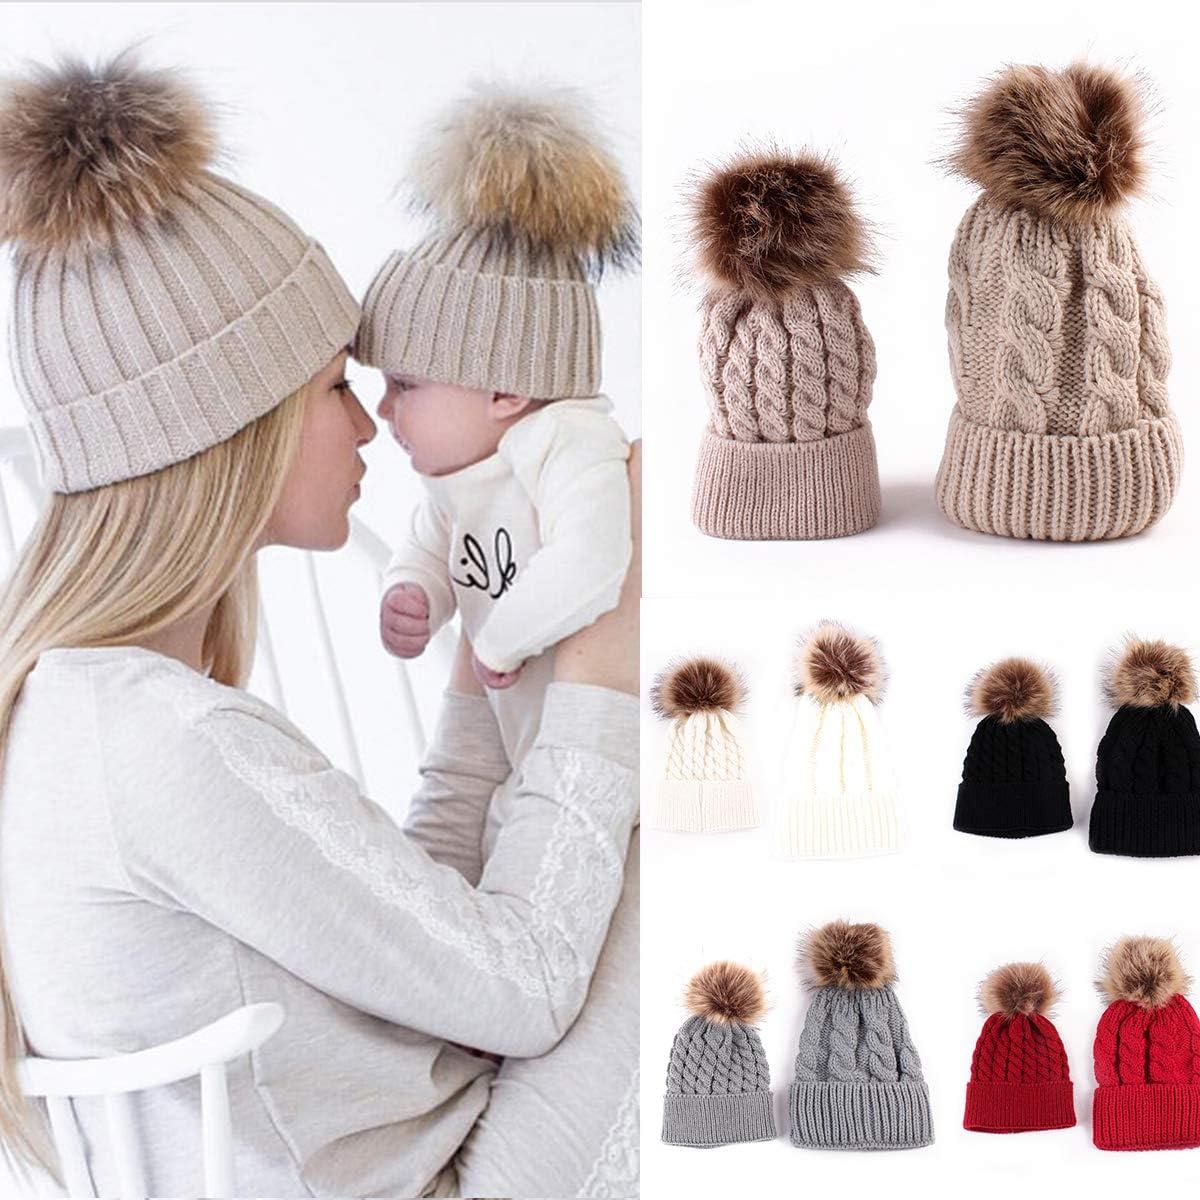 SANON Eltern-Kind-Hut Mutter-Kind-Baby Warme Winterstrickm/ütze Pelz Pom Hut Geh/äkelte Skim/ütze f/ür Frauen /& Baby